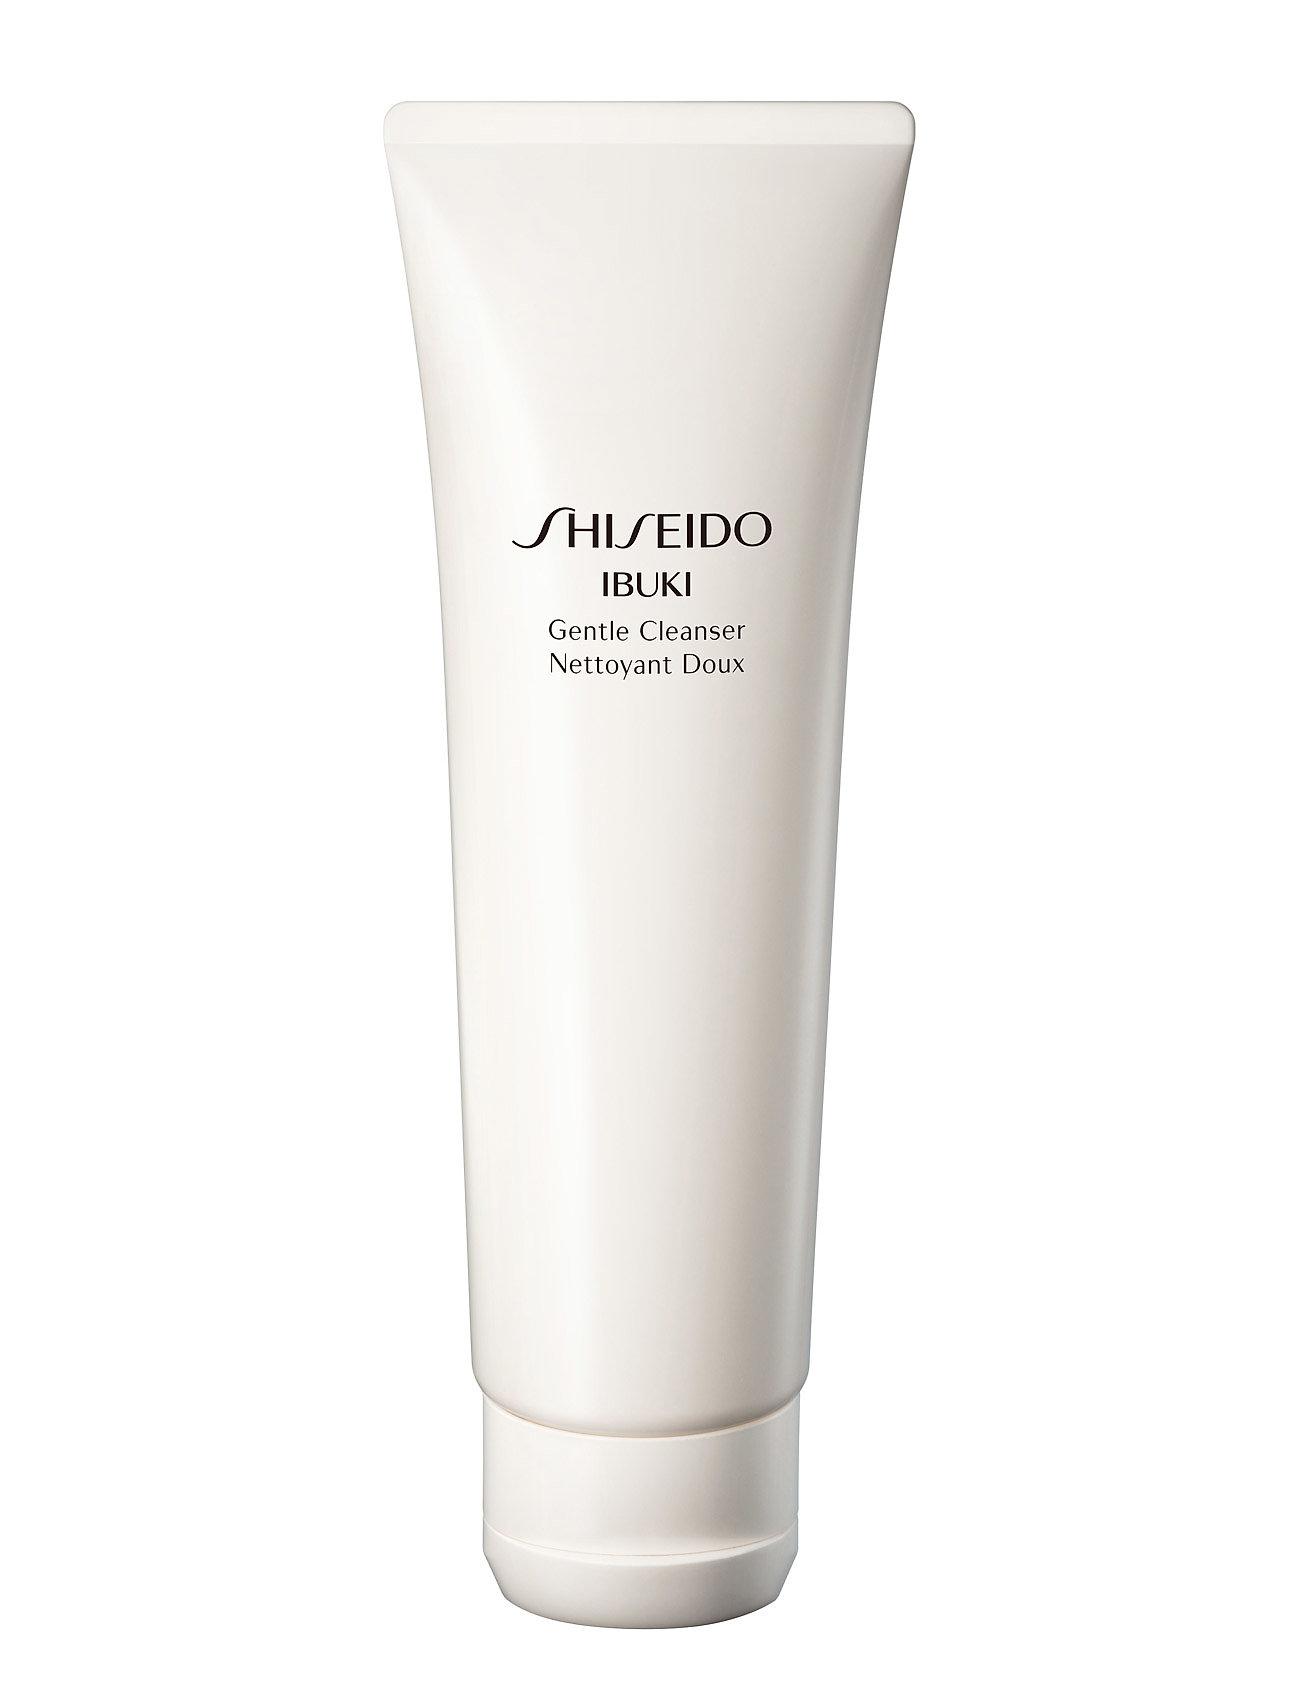 shiseido – Shiseido ibuki gentle cleanser på boozt.com dk